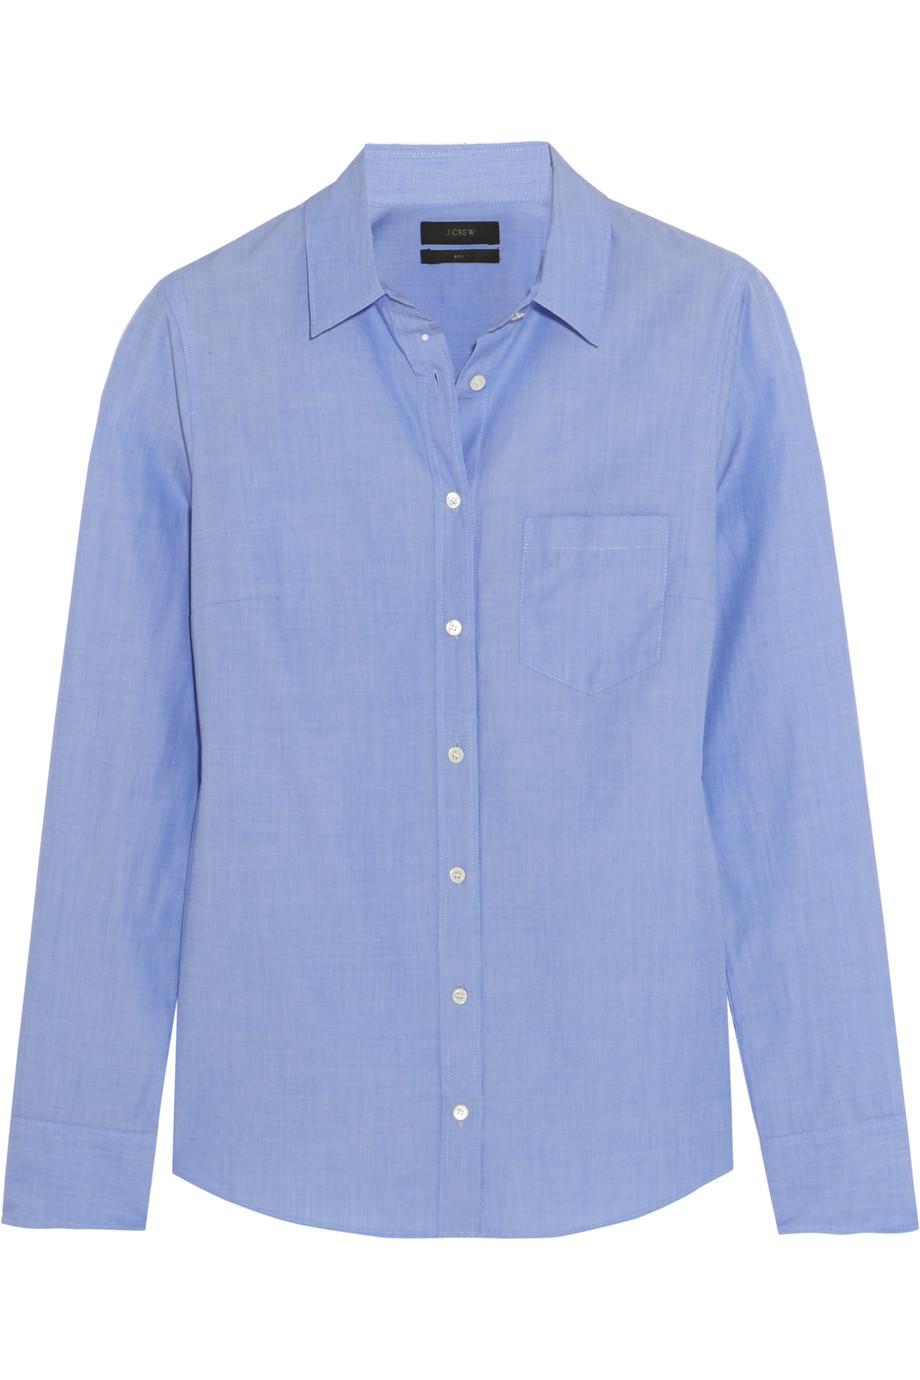 J.Crew Cotton-Poplin Shirt, Light Blue, Women's, Size: 16